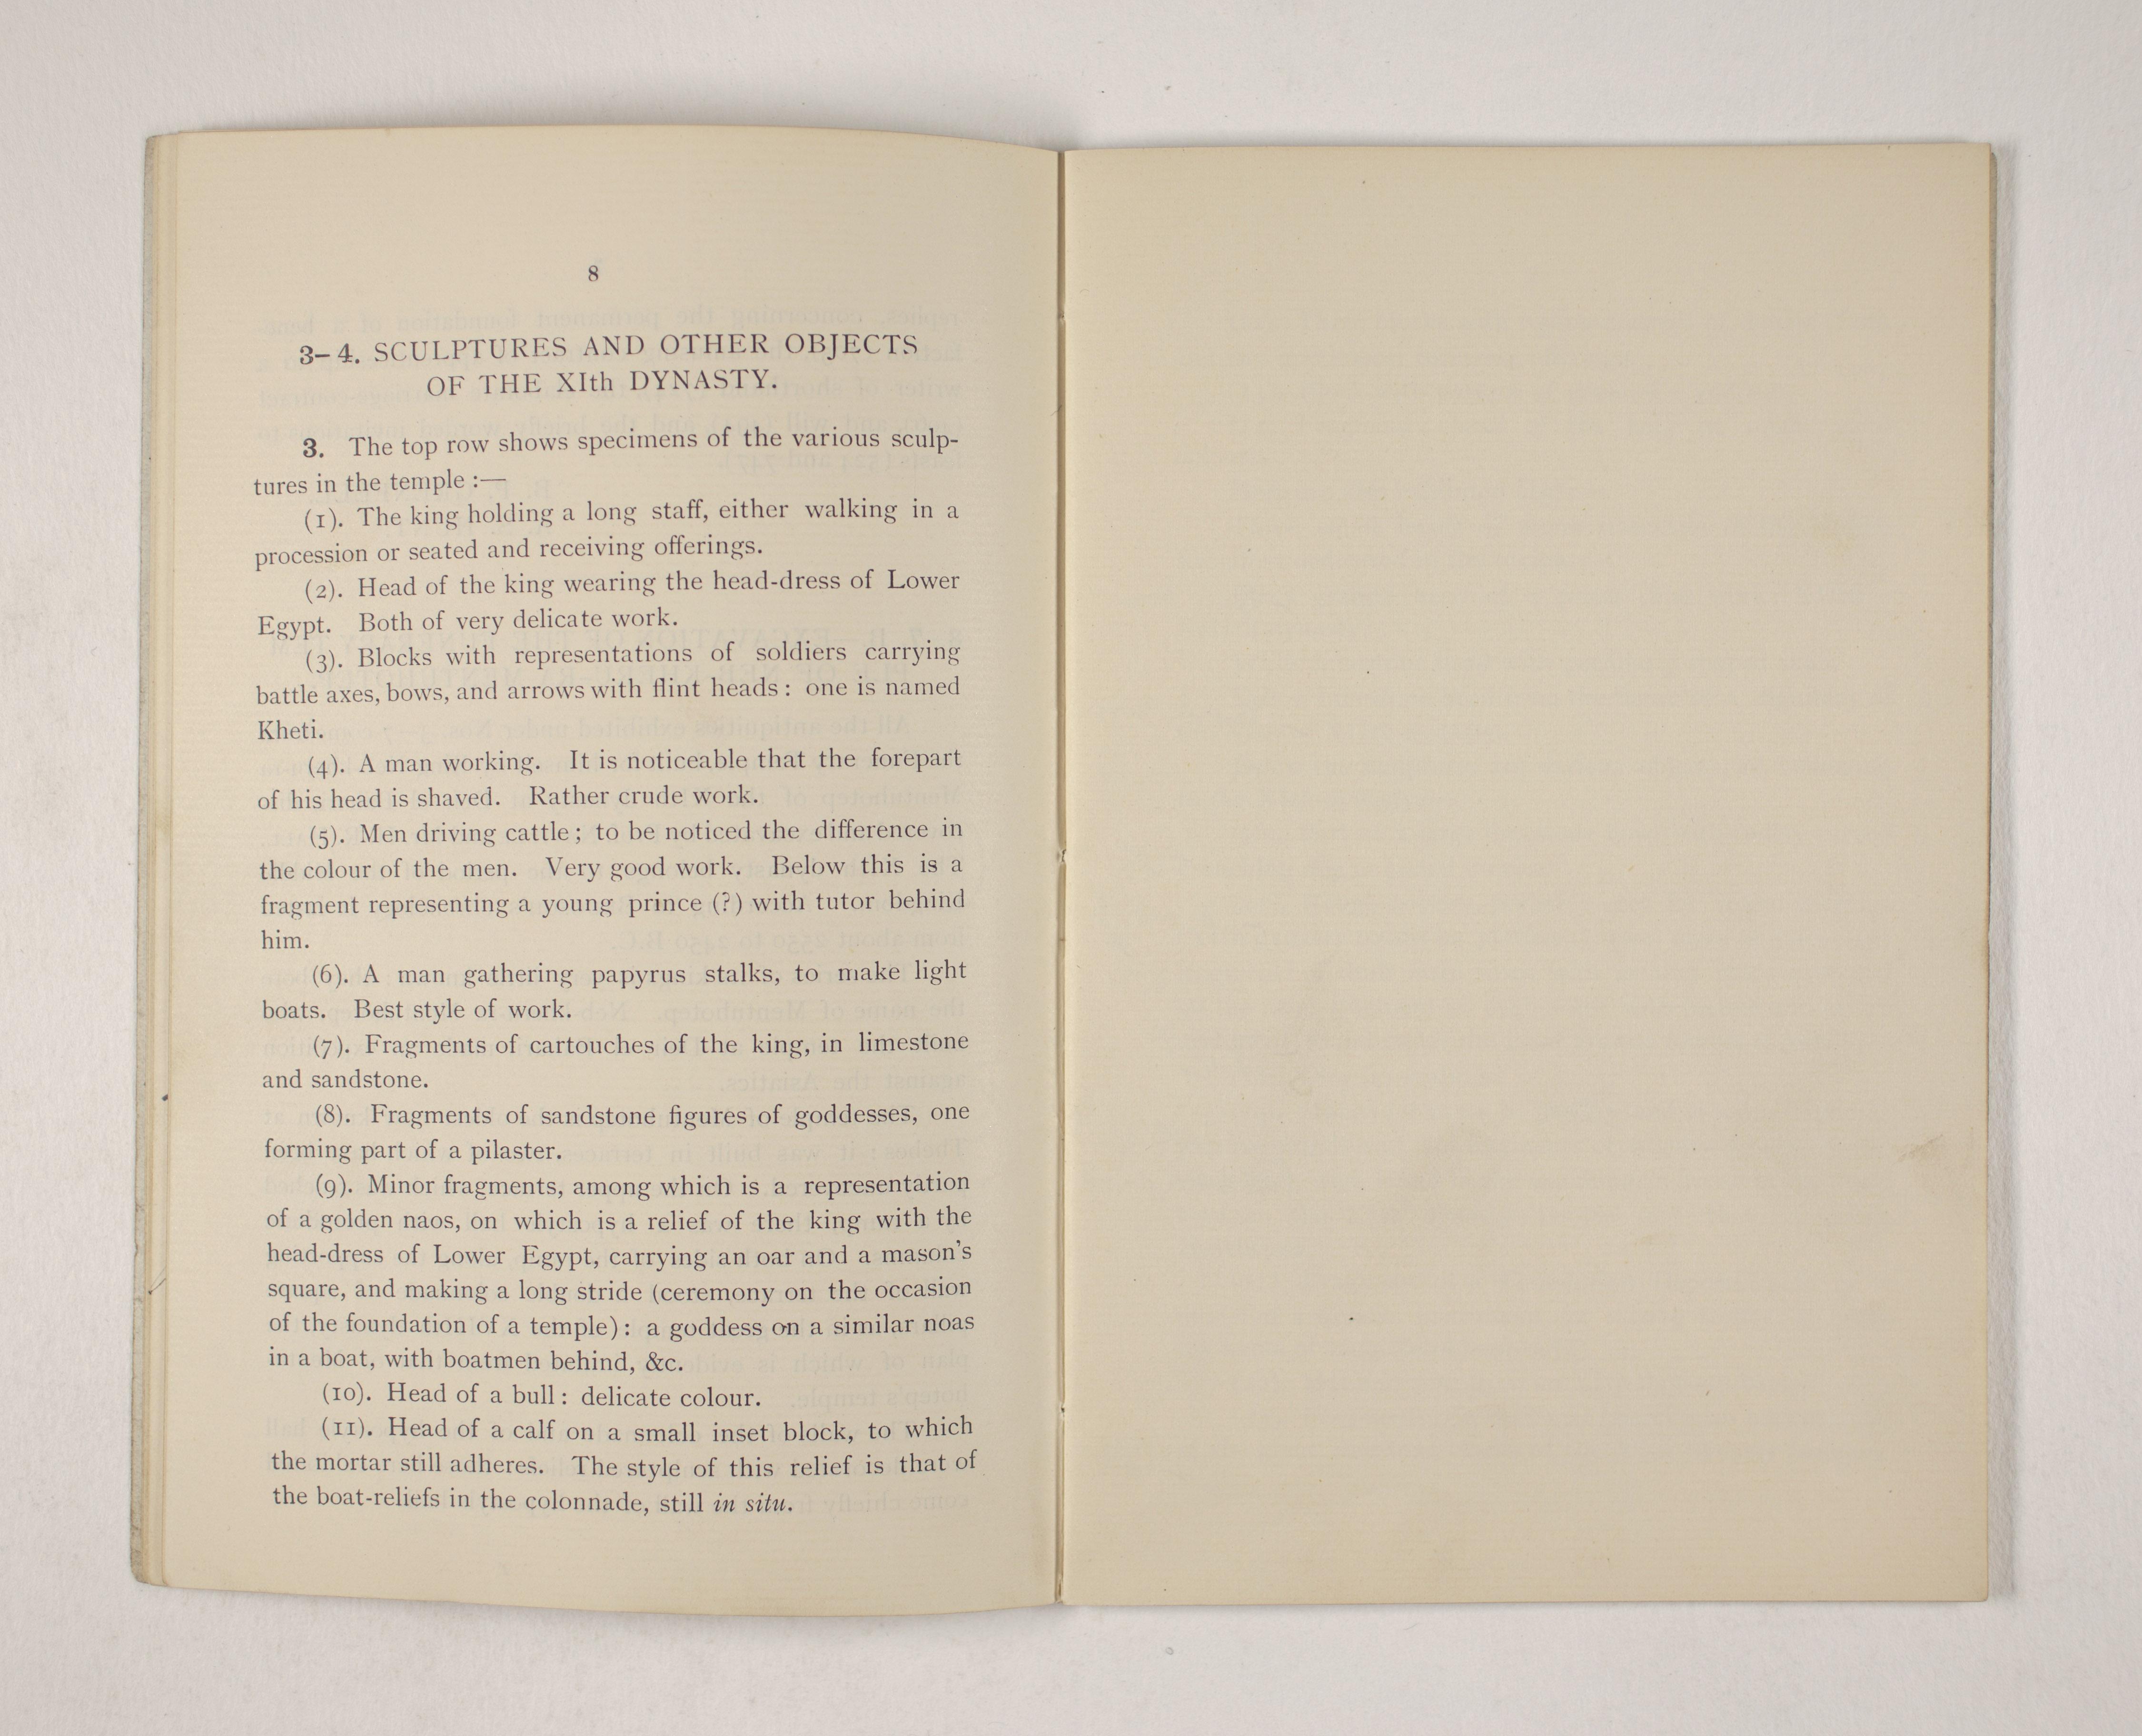 1903-04 Abydos, Ihnasya, Tell el-Fara'in, Saqqara, Gurob, Deir el-Bahri, Oxyrhynchus Exhibition Catalogue PMA/WFP1/D/12/12.10